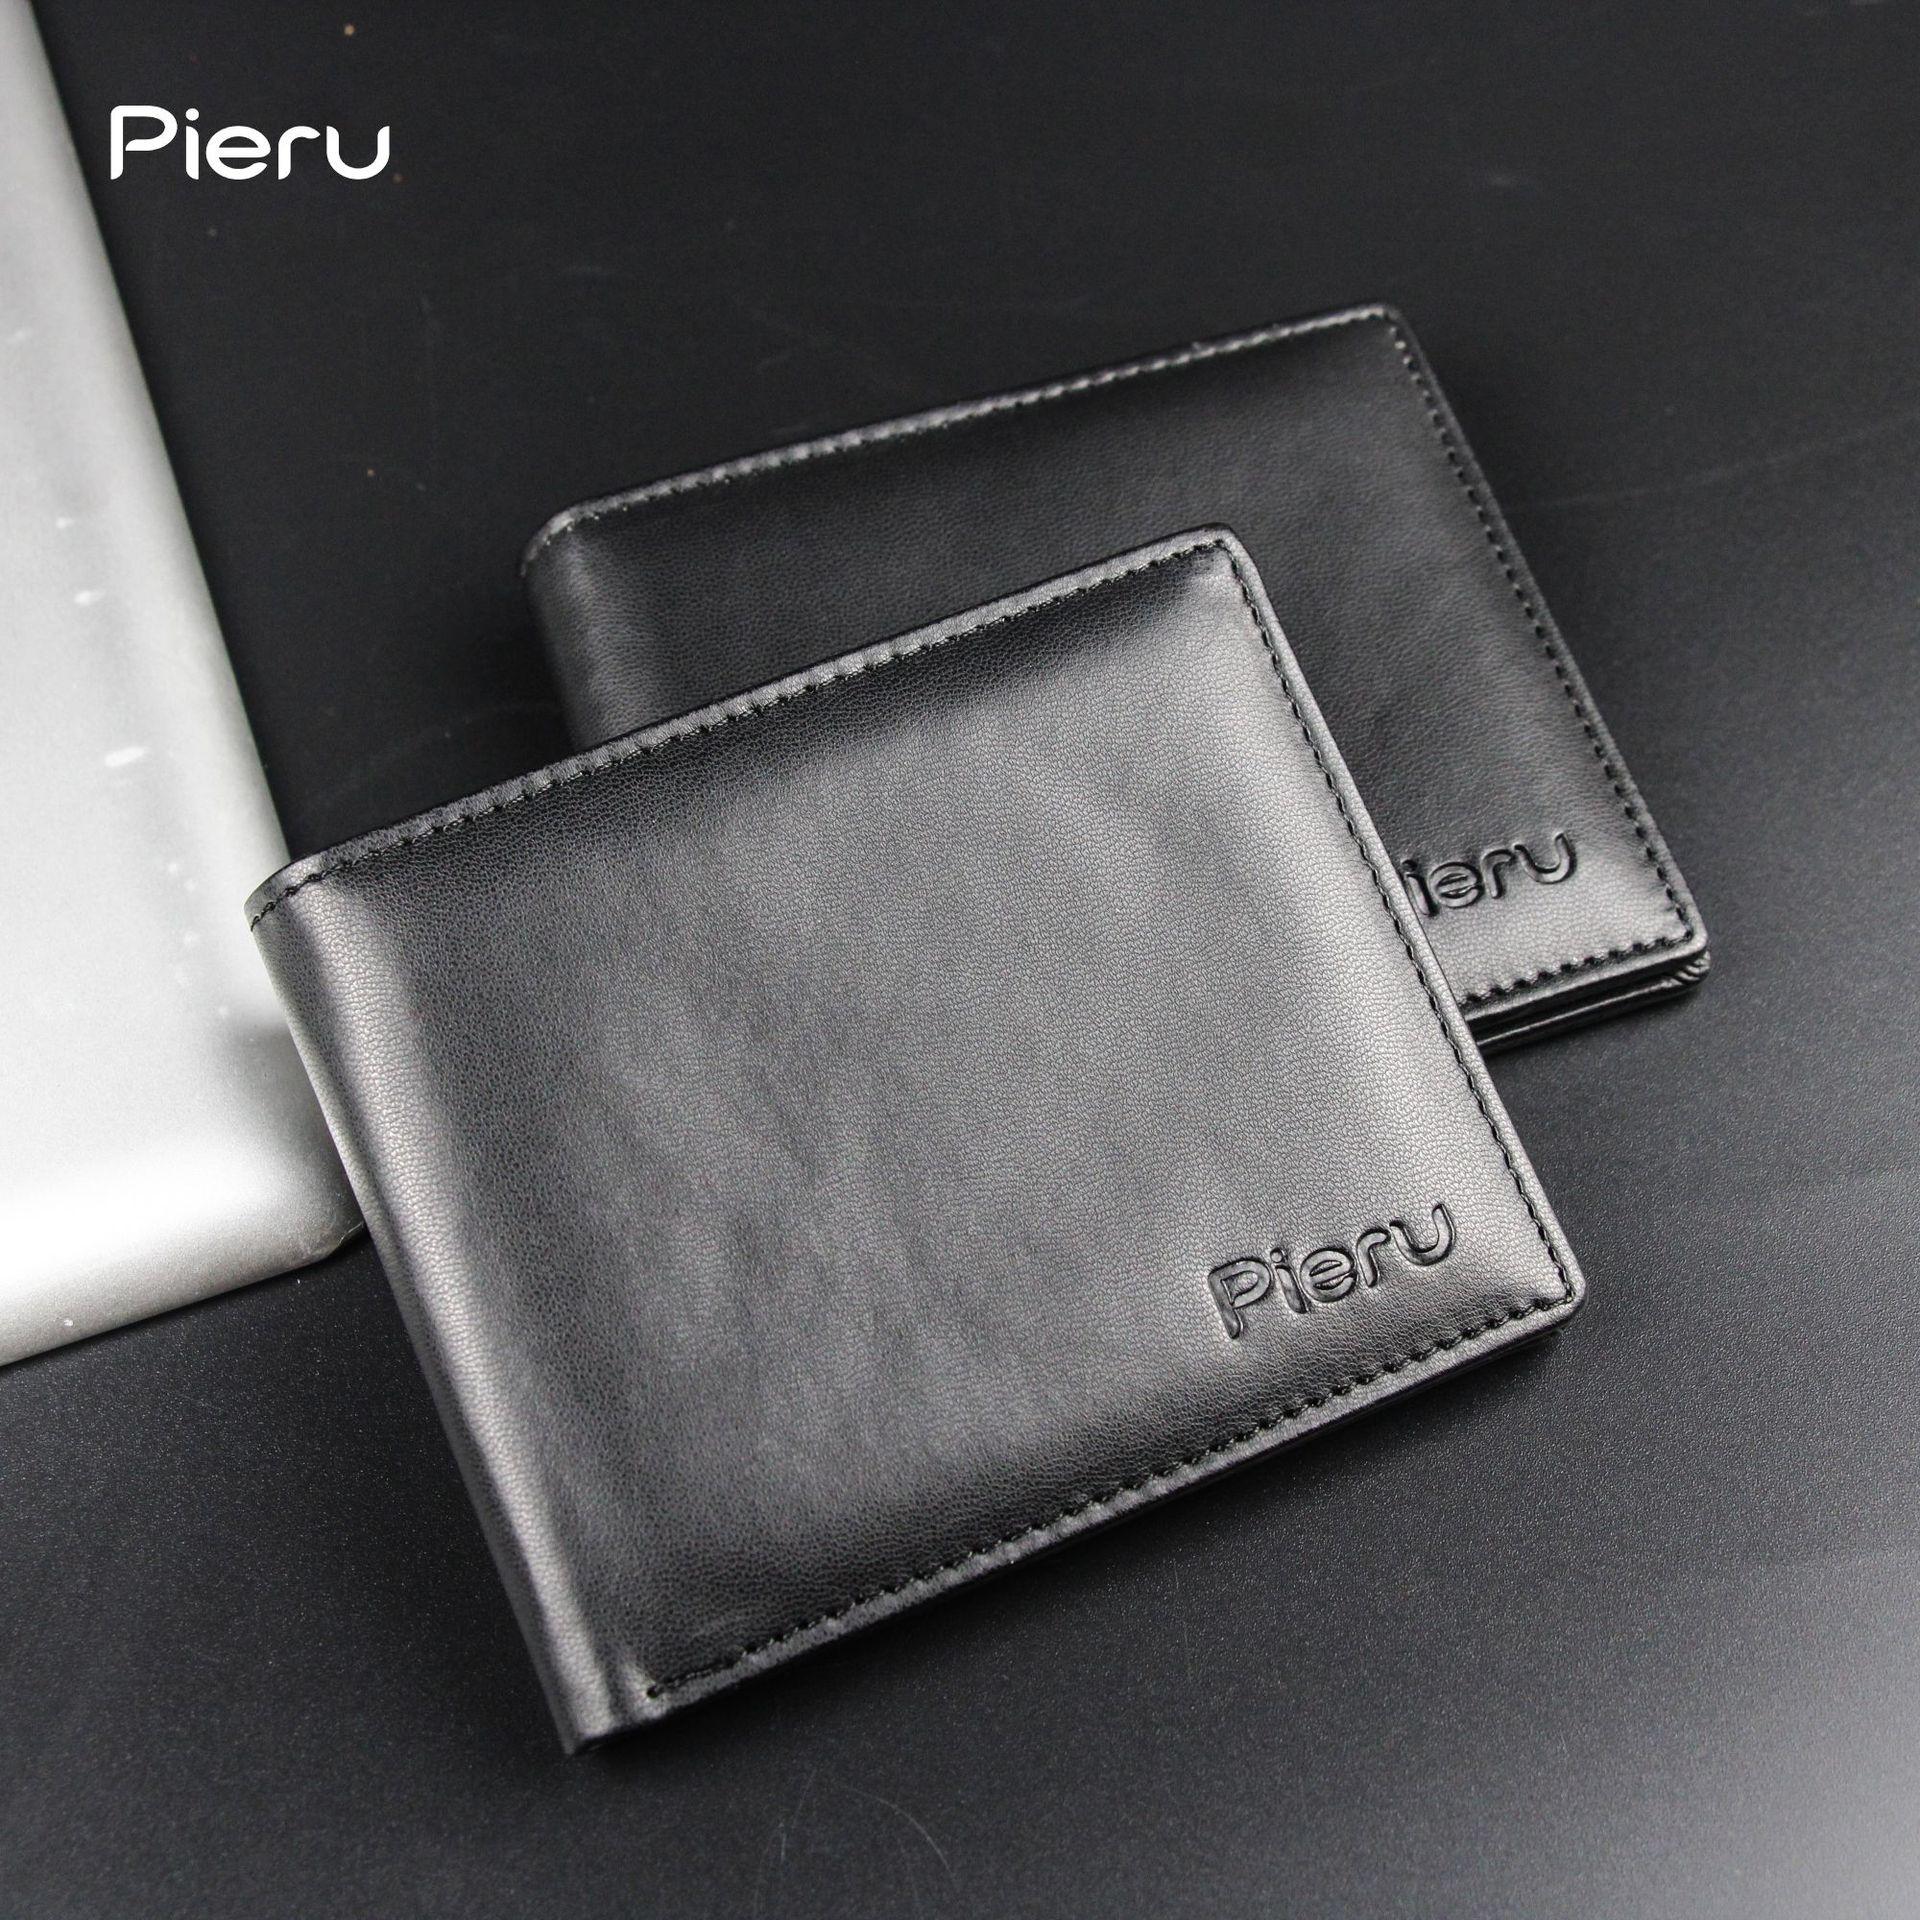 中國代購|中國批發-ibuy99|钱包|经典商务零钱包羊仔纹卡夹大容量卡位短款钱包男士零钱包正品皮夹